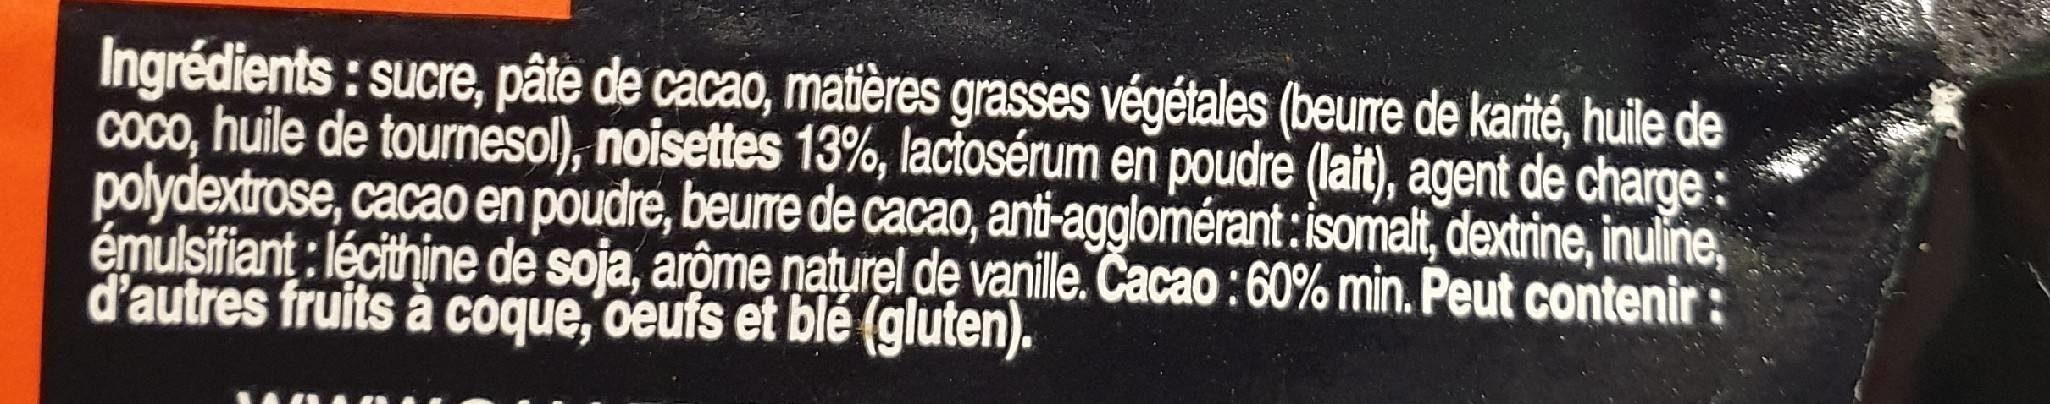 Praliné noir - Ingrédients - fr